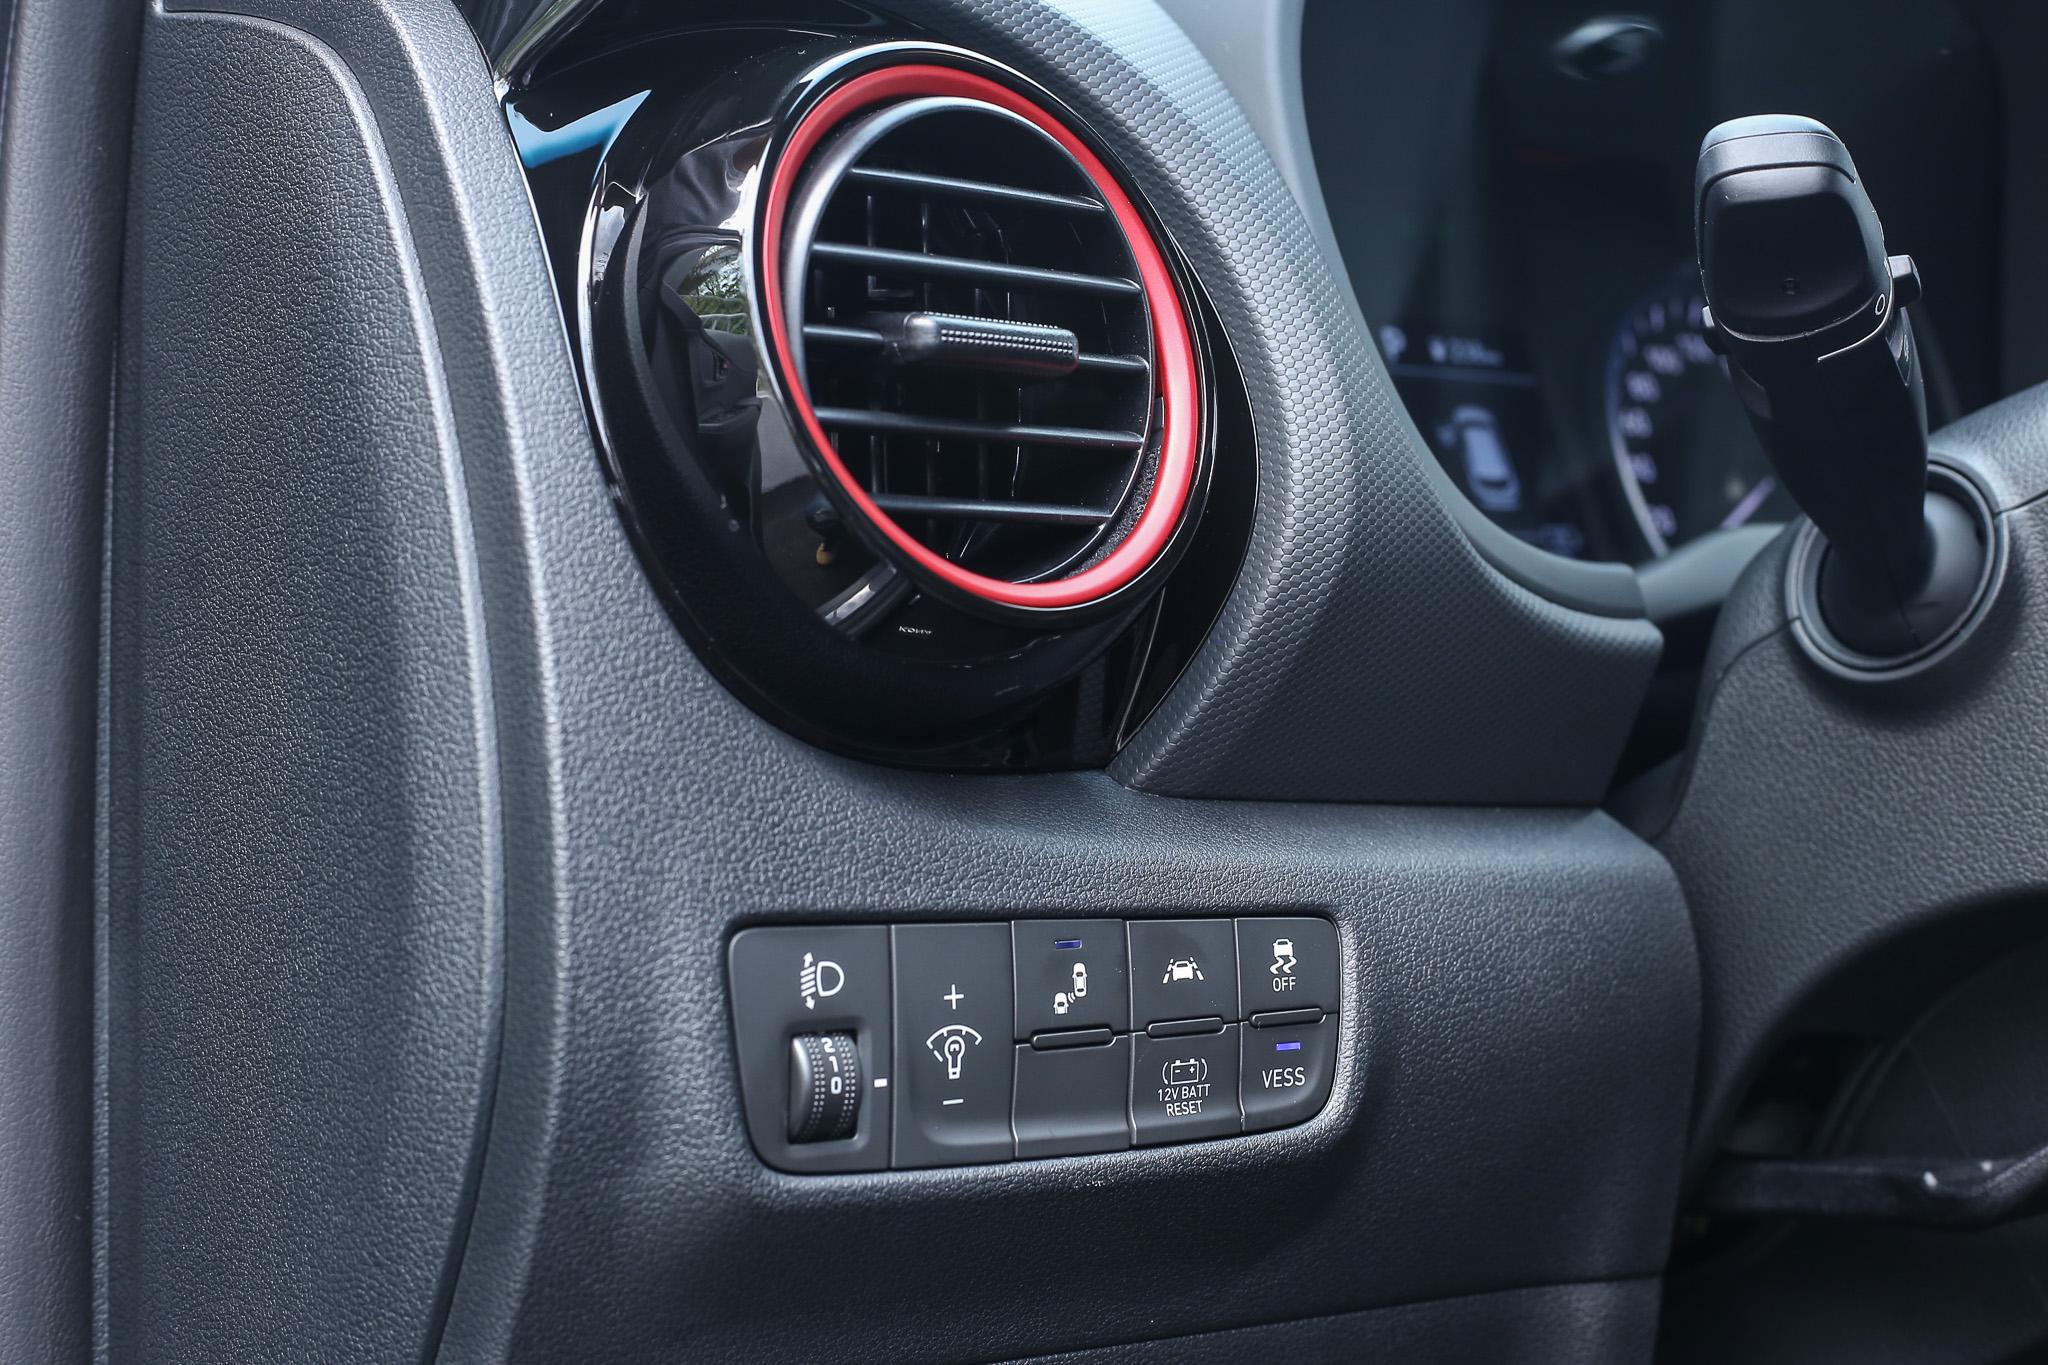 駕駛左側按鍵功能比較特別的有「VESS 虛擬引擎聲效系統」與「BRS按鍵式喚醒鋰電池」等功能。